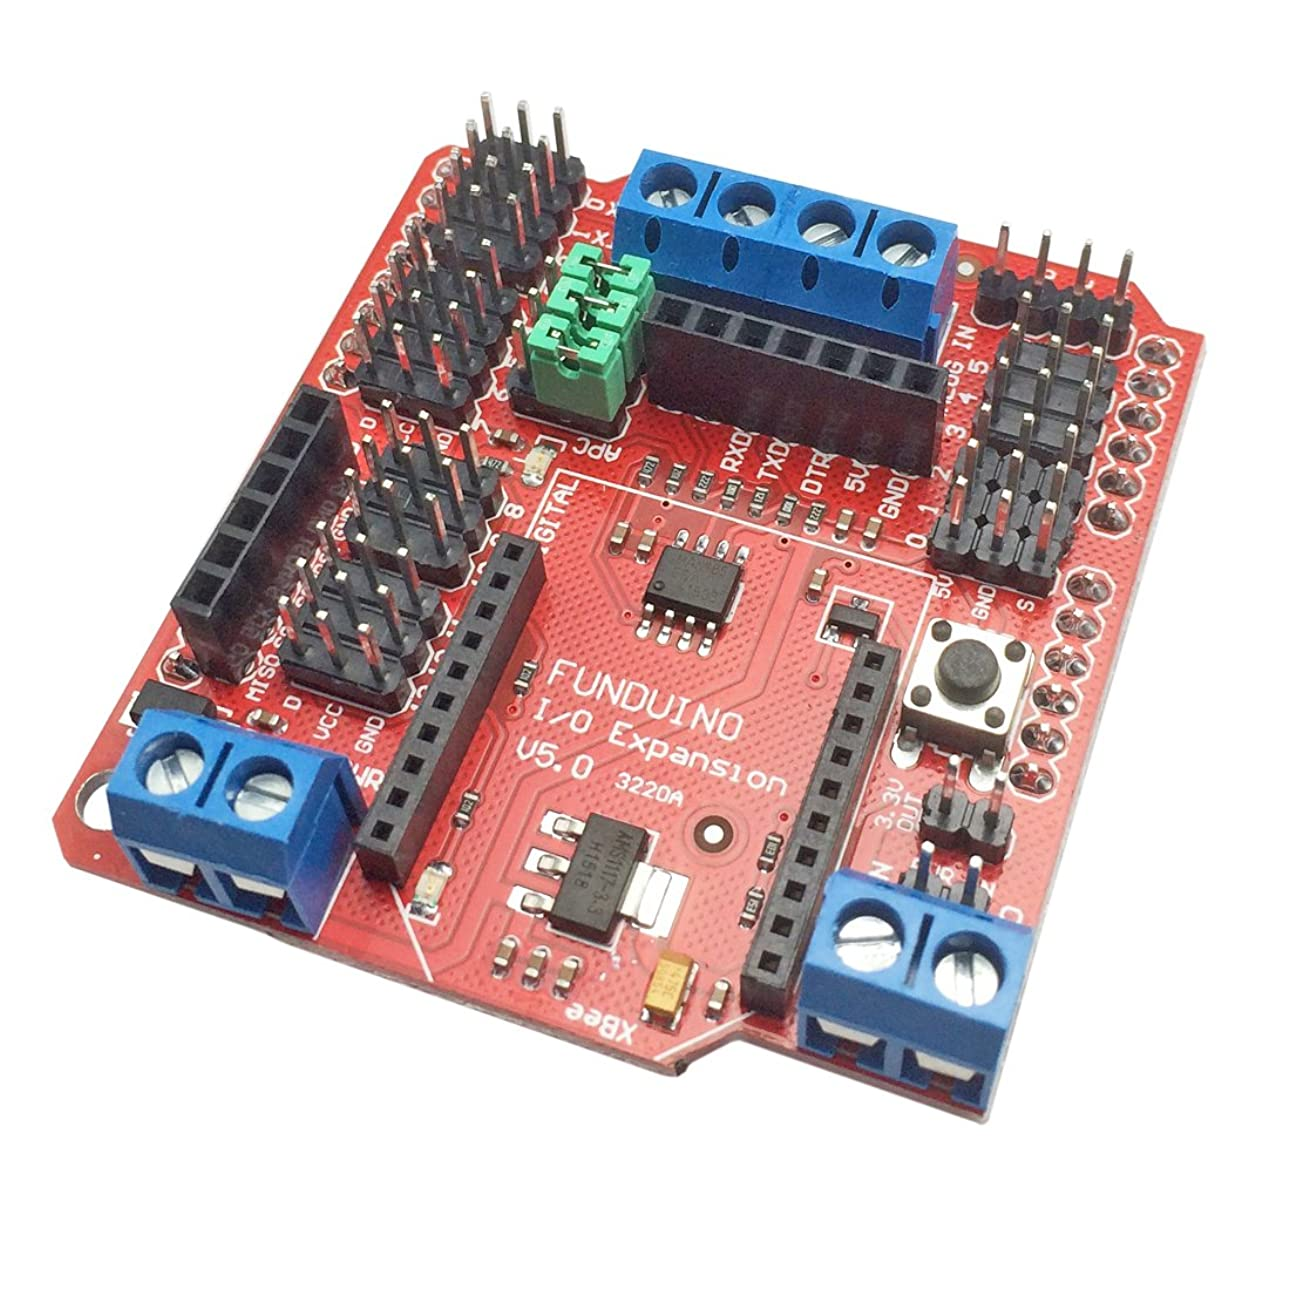 しっかり傷つける改革whataval Xbee rs485?Bluetooth i / oセンサー拡張シールドv5